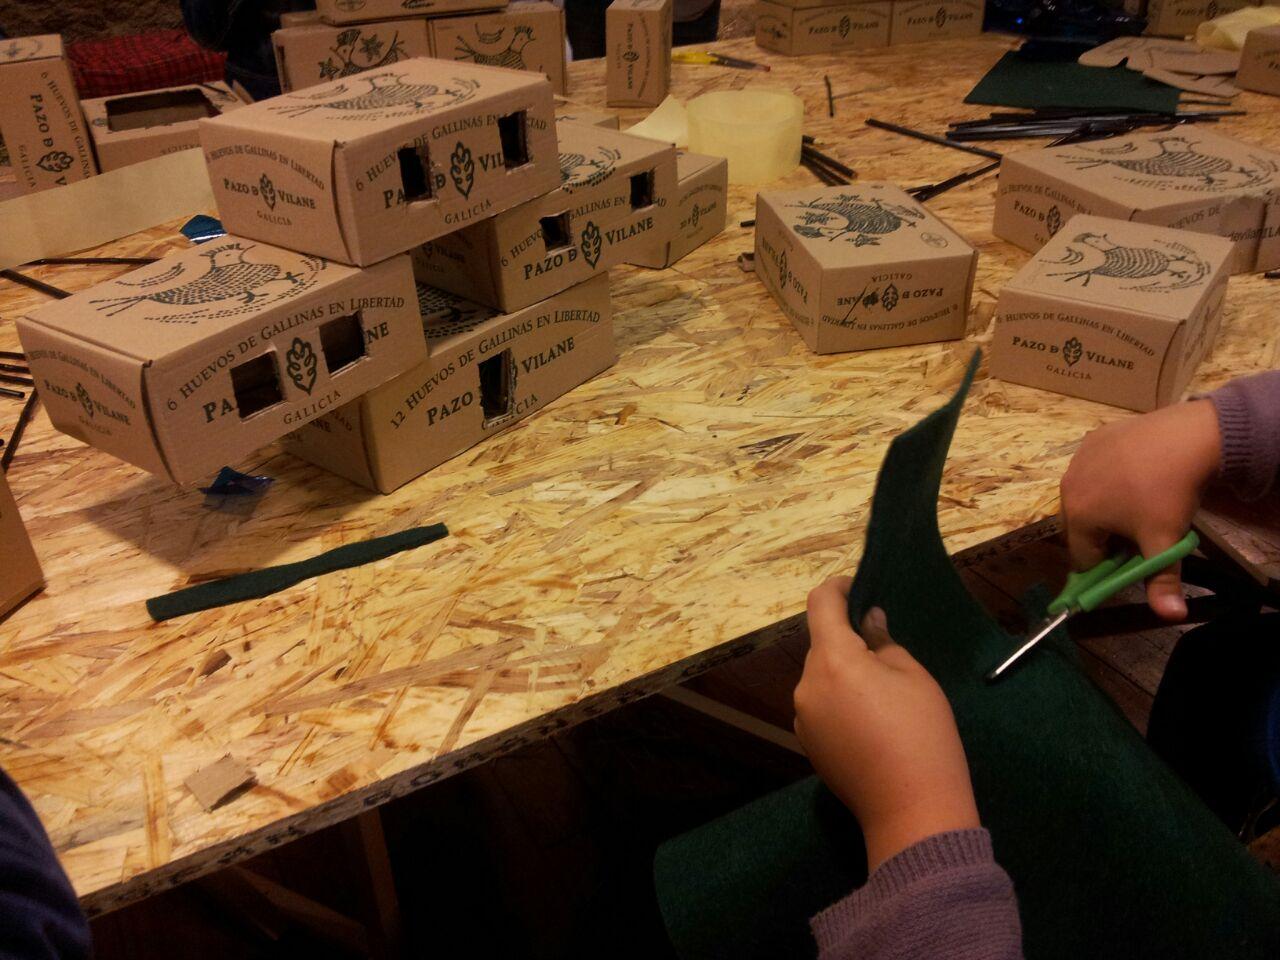 Una ciudad construida con cajas de huevos camperos Pazo de Vilane